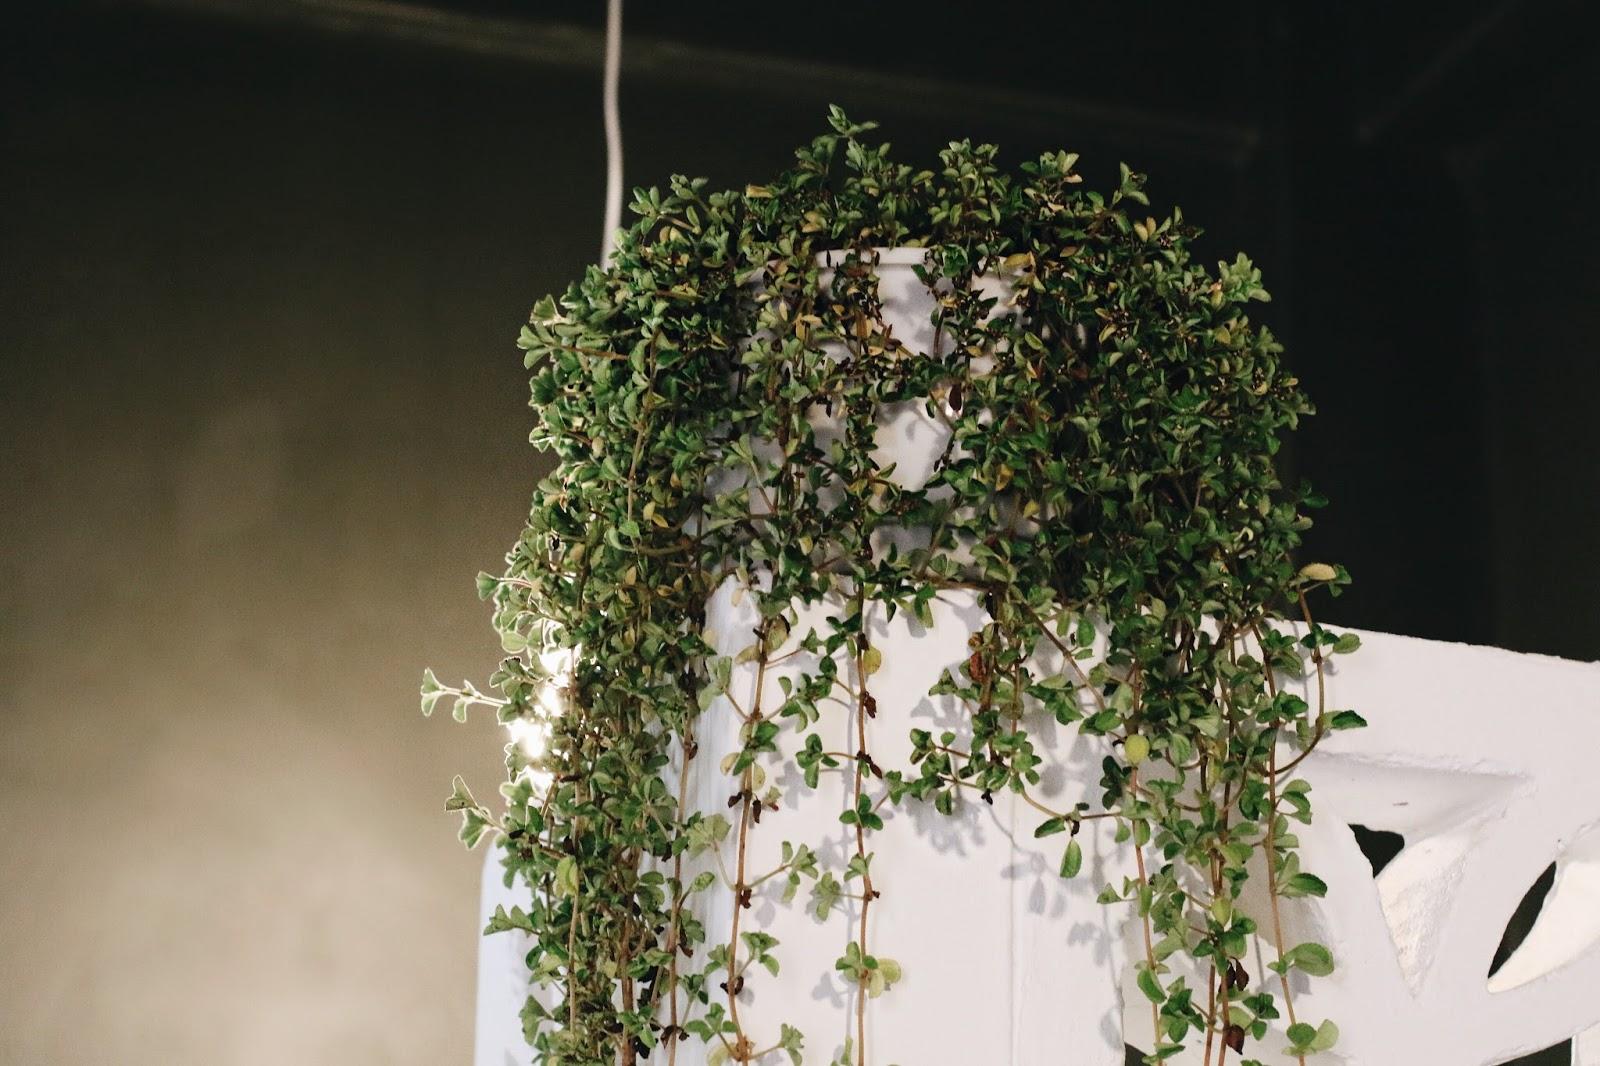 curiocity durban review, copper garden